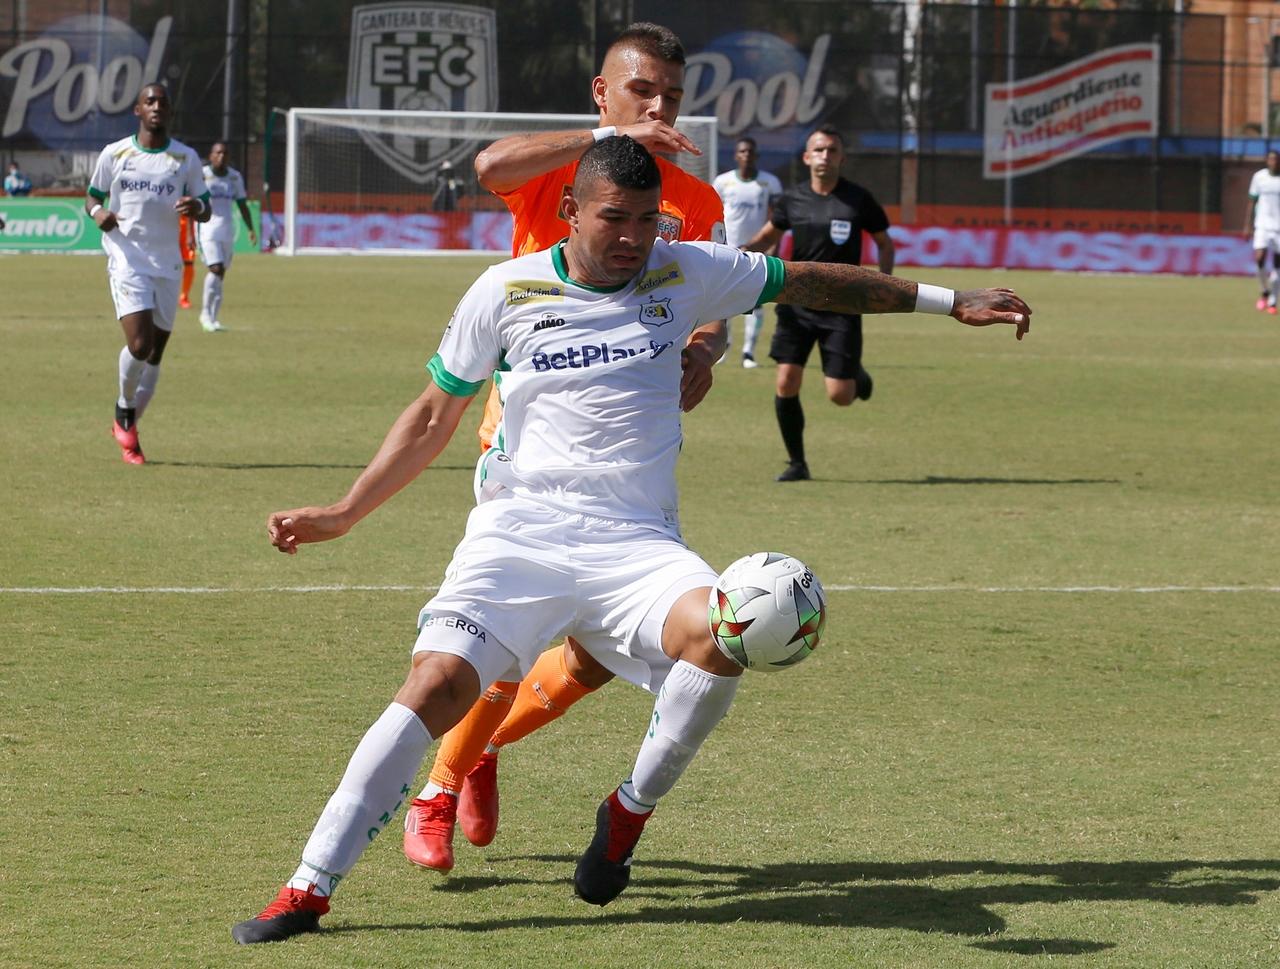 Liga colombiana equipos de Antioquia 2